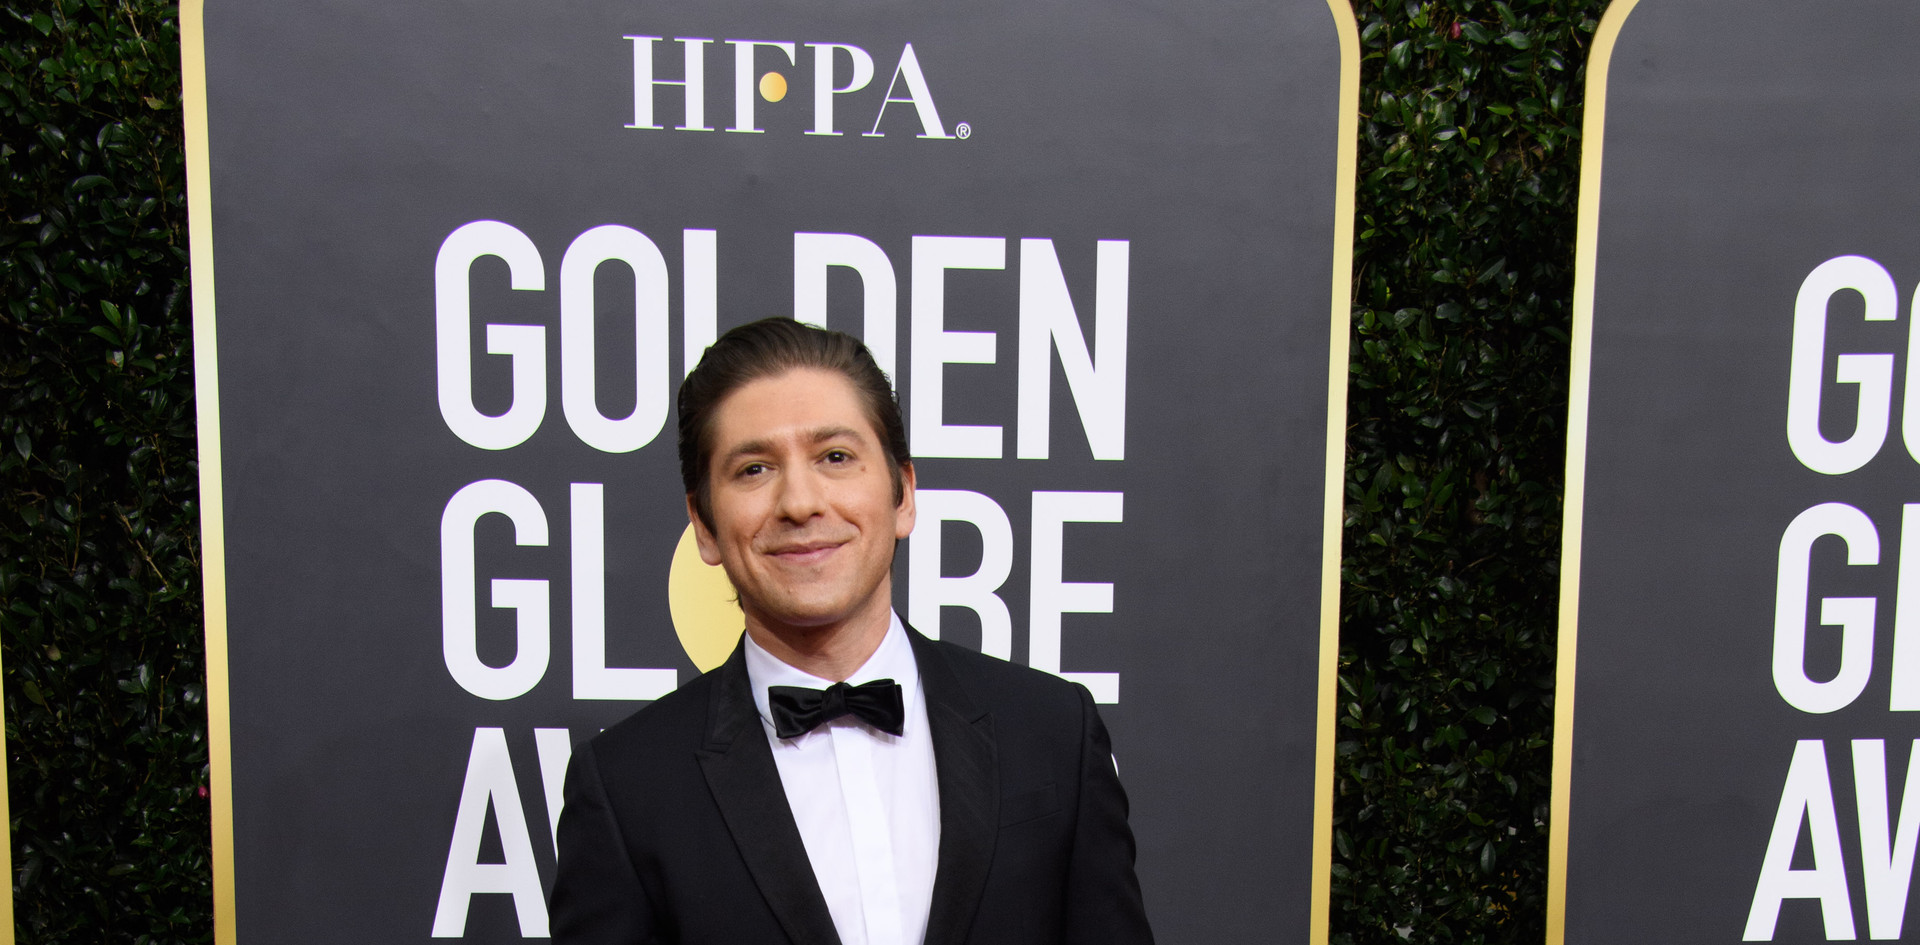 Michael Zegenna passadeira vermelha do 77th Annual Golden Globe Awards, no Beverly Hilton em Beverly Hills, CA. Fotografia: HFPA Photographer.